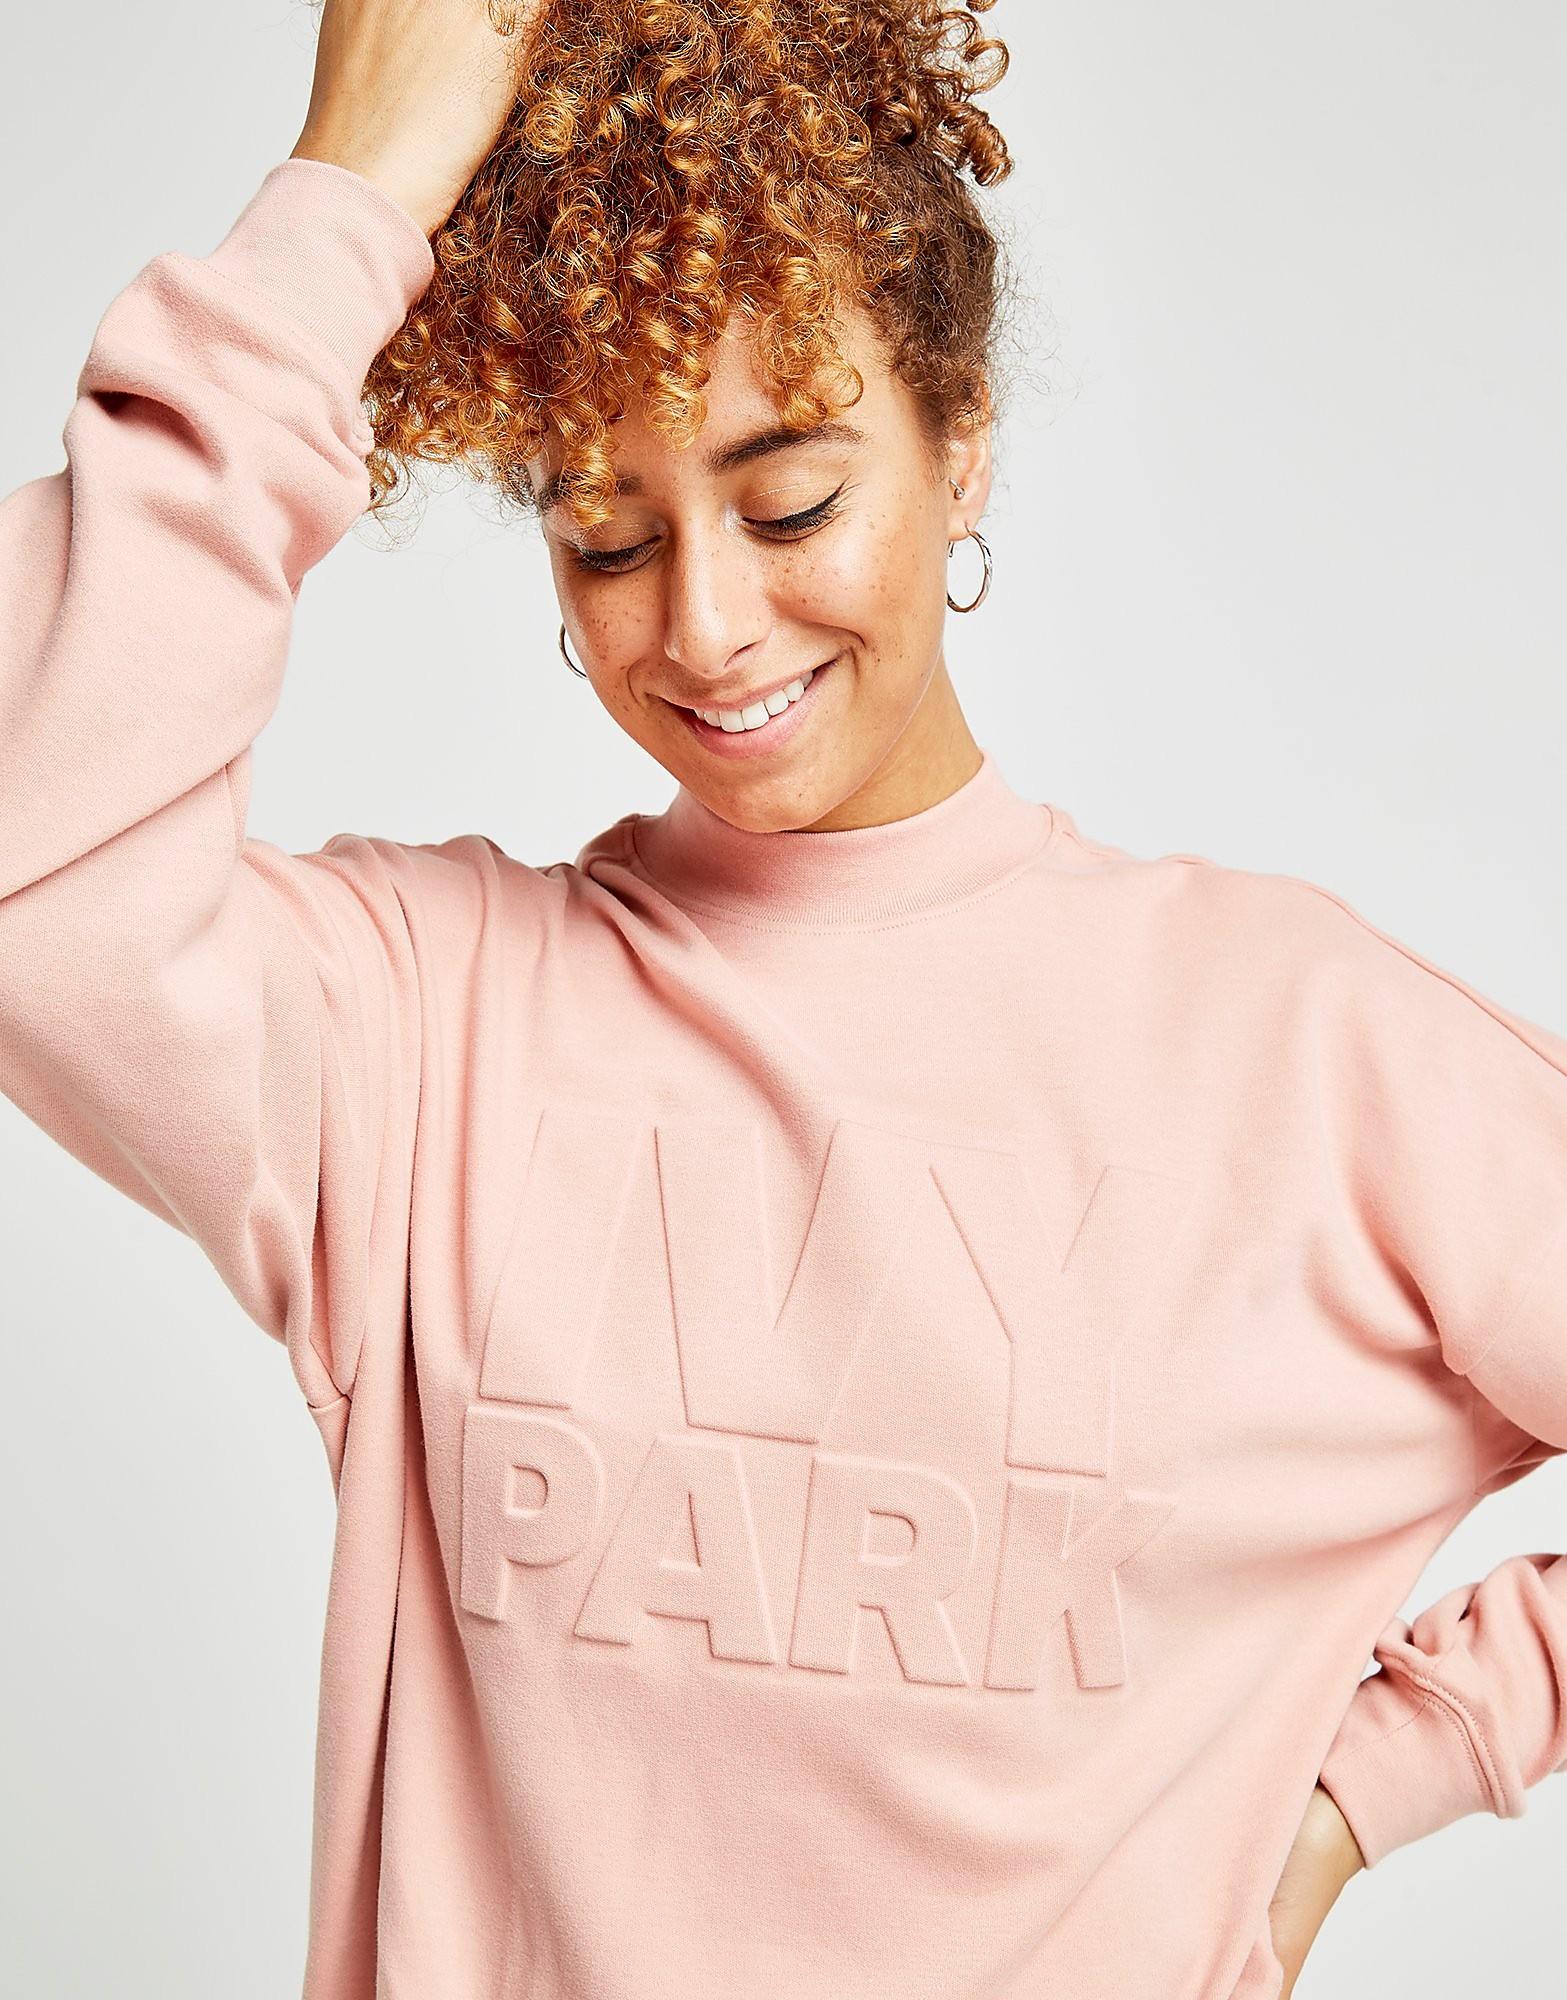 IVY PARK Emboss Logo Crew Sweatshirt